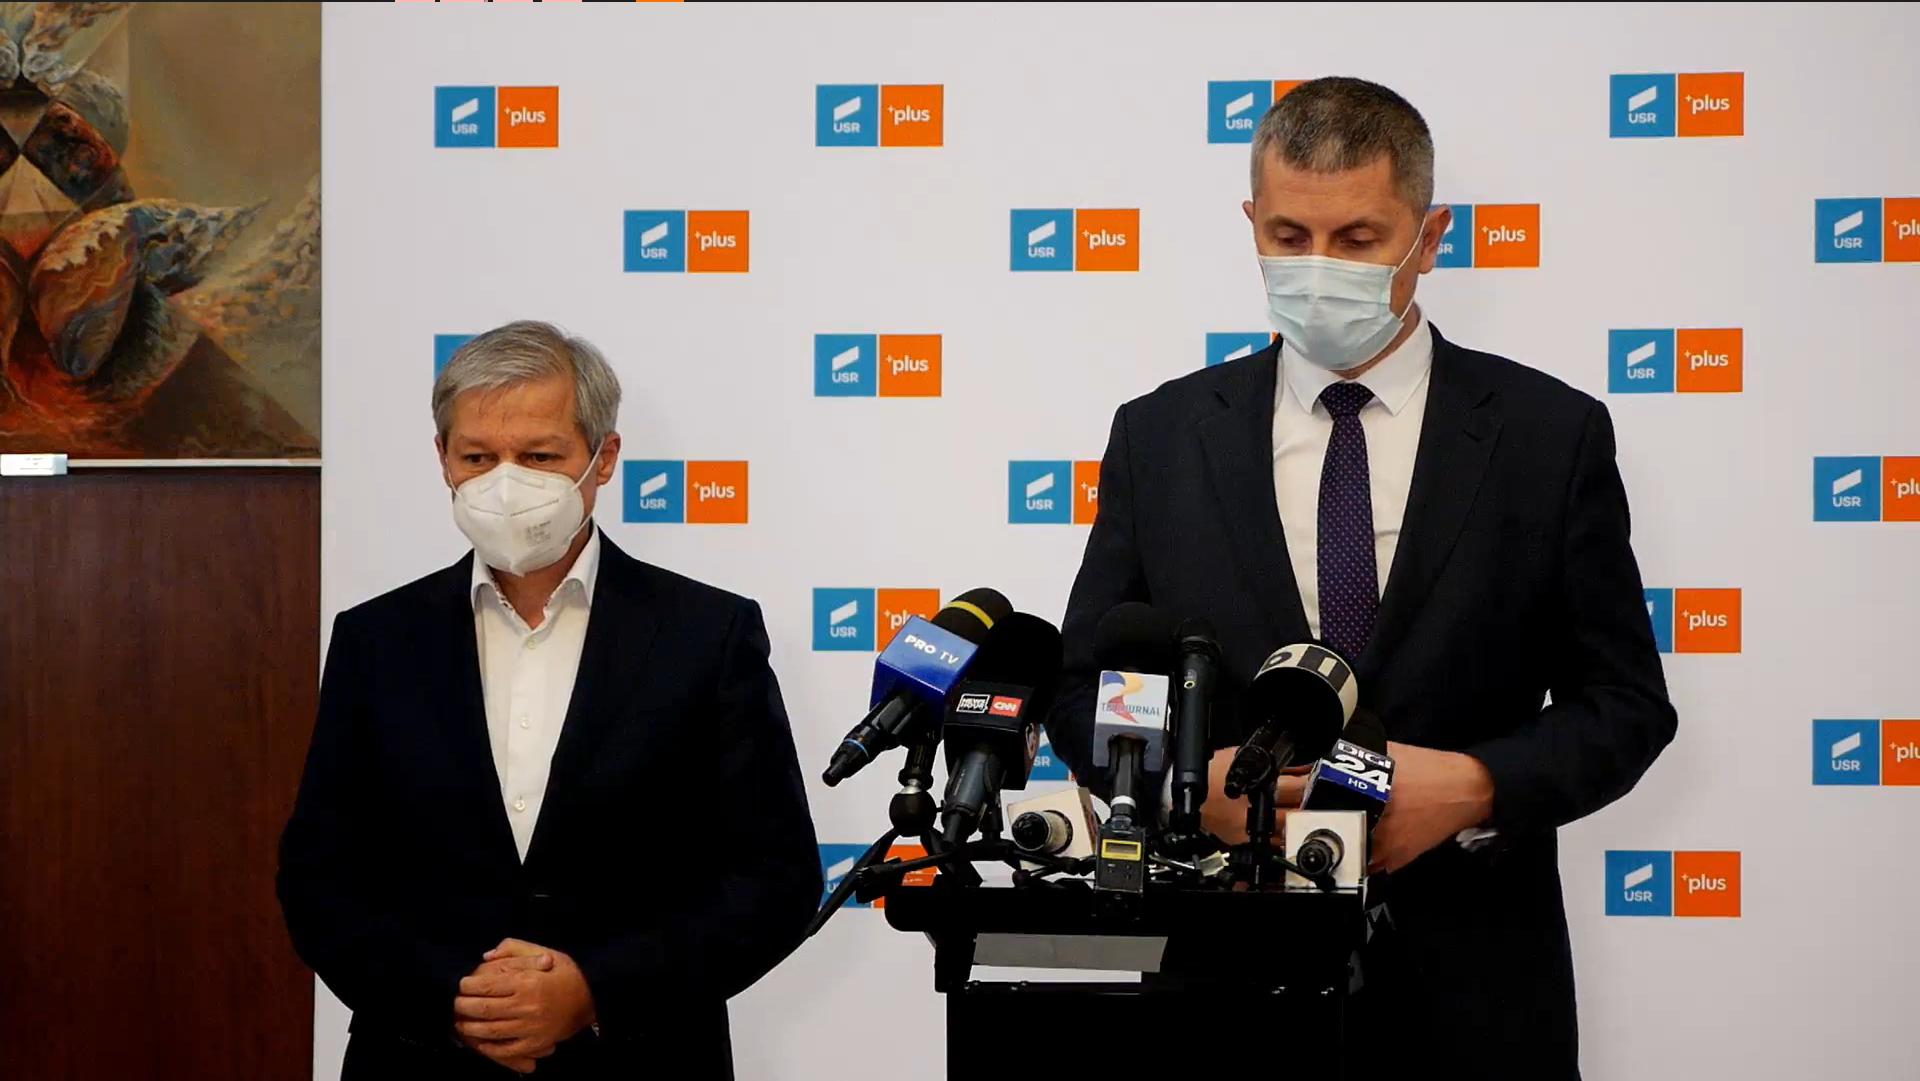 BREAKING NEWS | USR PLUS a depus moțiunea de cenzură, iar miniștrii formațiunii vor demisiona din Guvern săptămâna viitoare | VIDEO